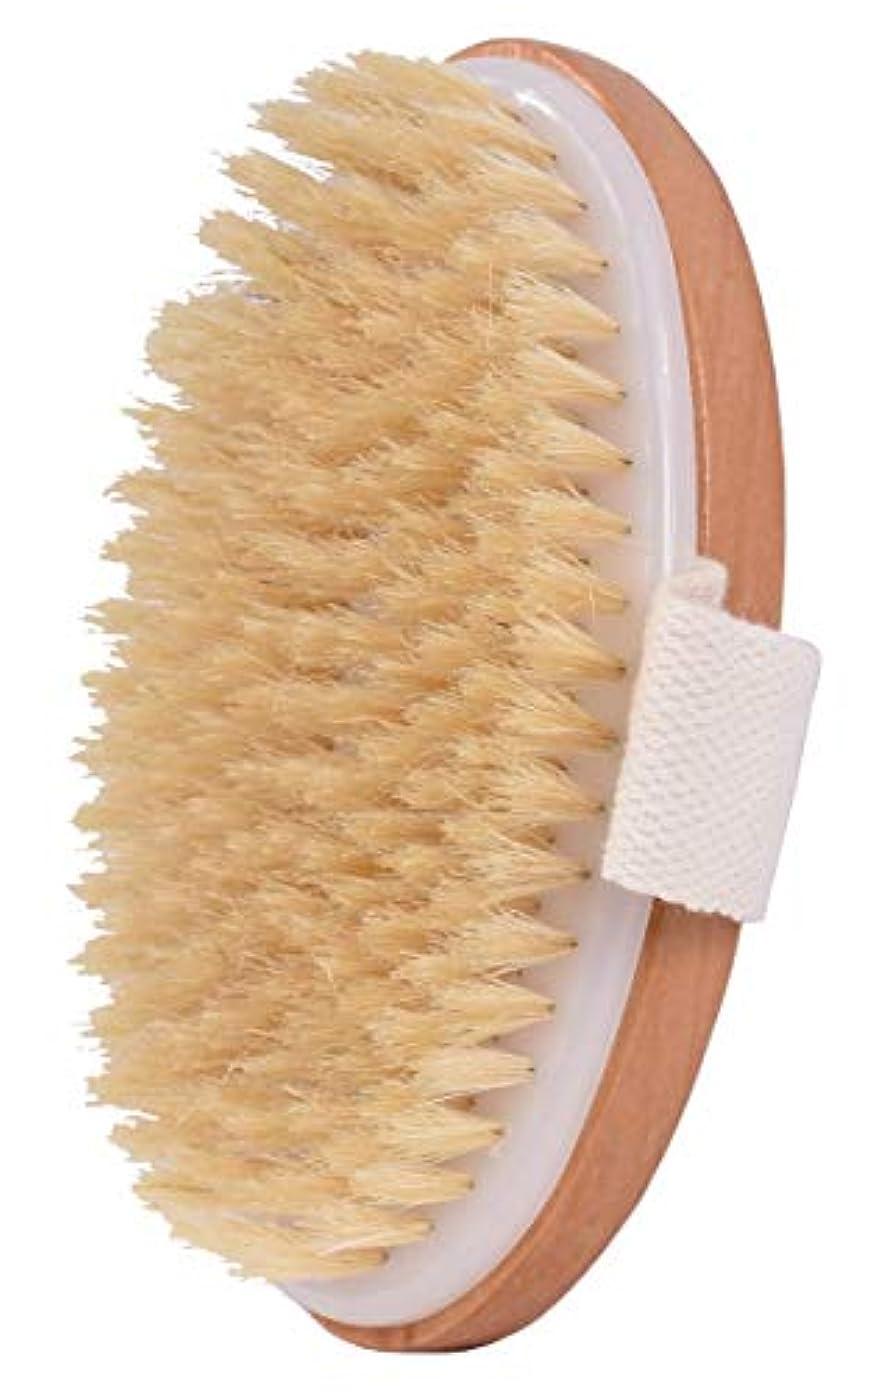 説得思いやりのある助けてボディブラシ 100%天然高級な豚毛マッサージ バス用品 竹製シャワーブラシ お風呂用体洗い角質除去 美肌効果 血液循環を改善し、健康と美容に良い